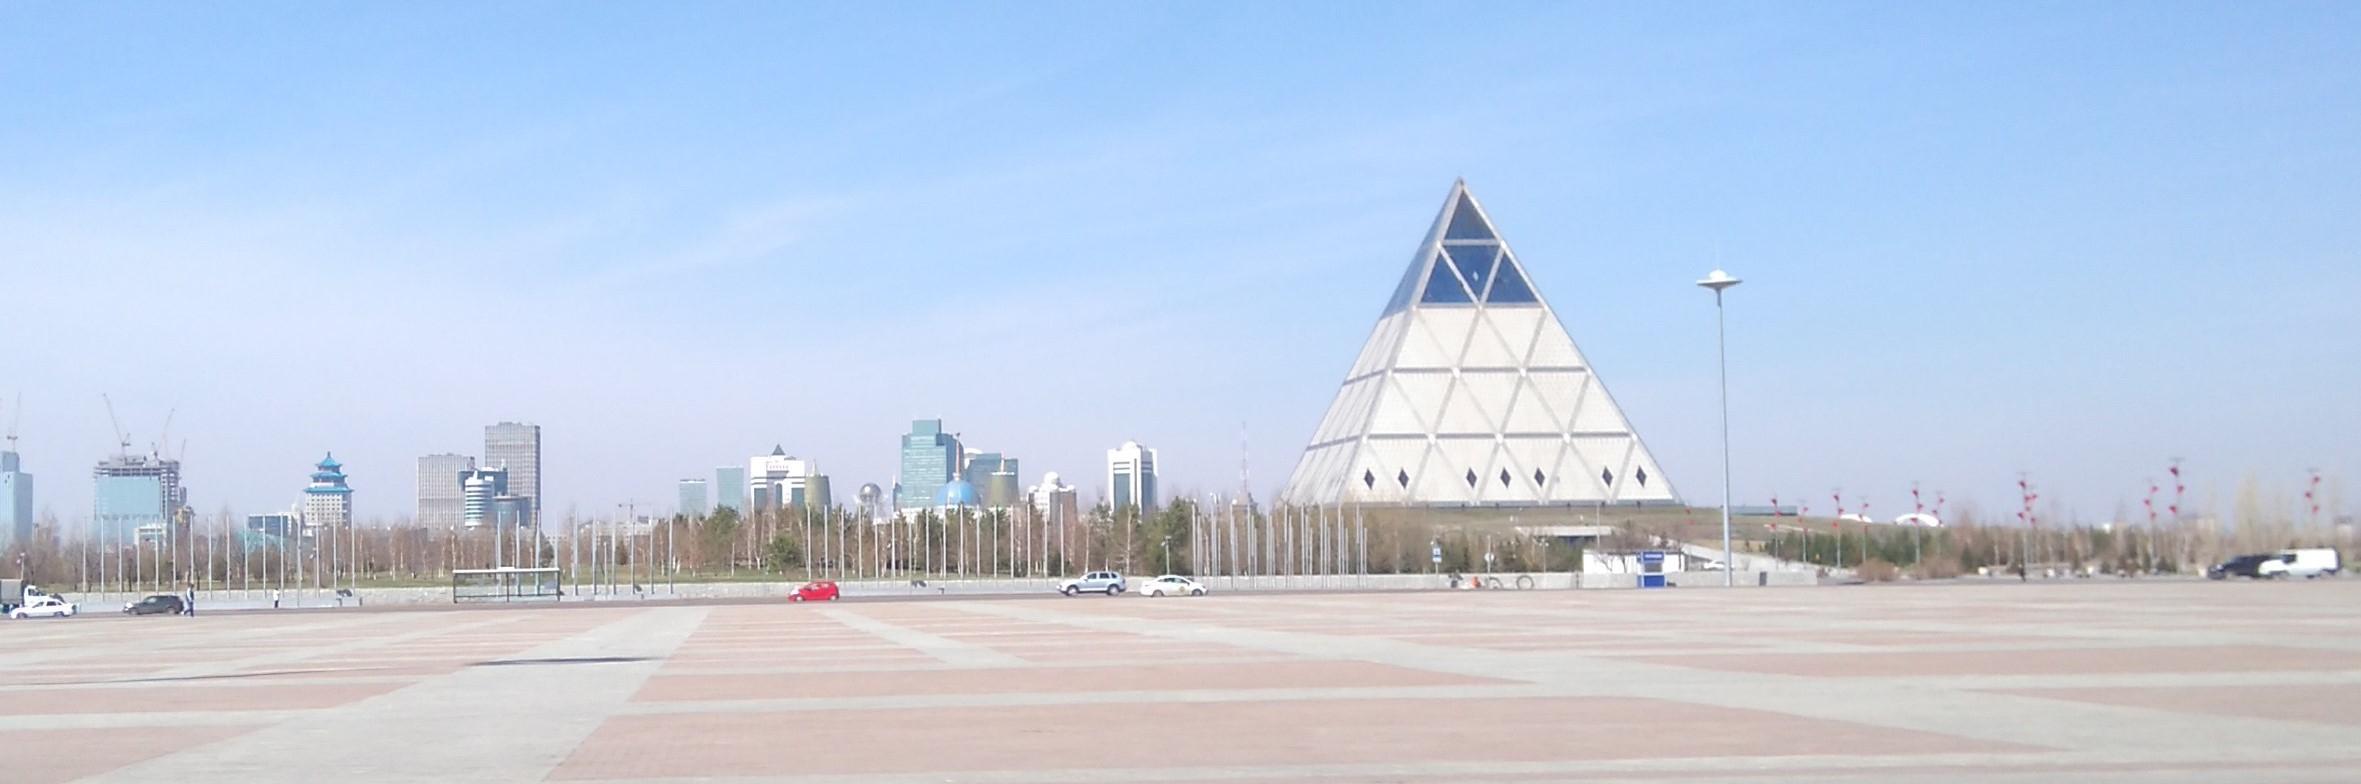 62nd Pugwash Conference, Astana | Abolition 2000